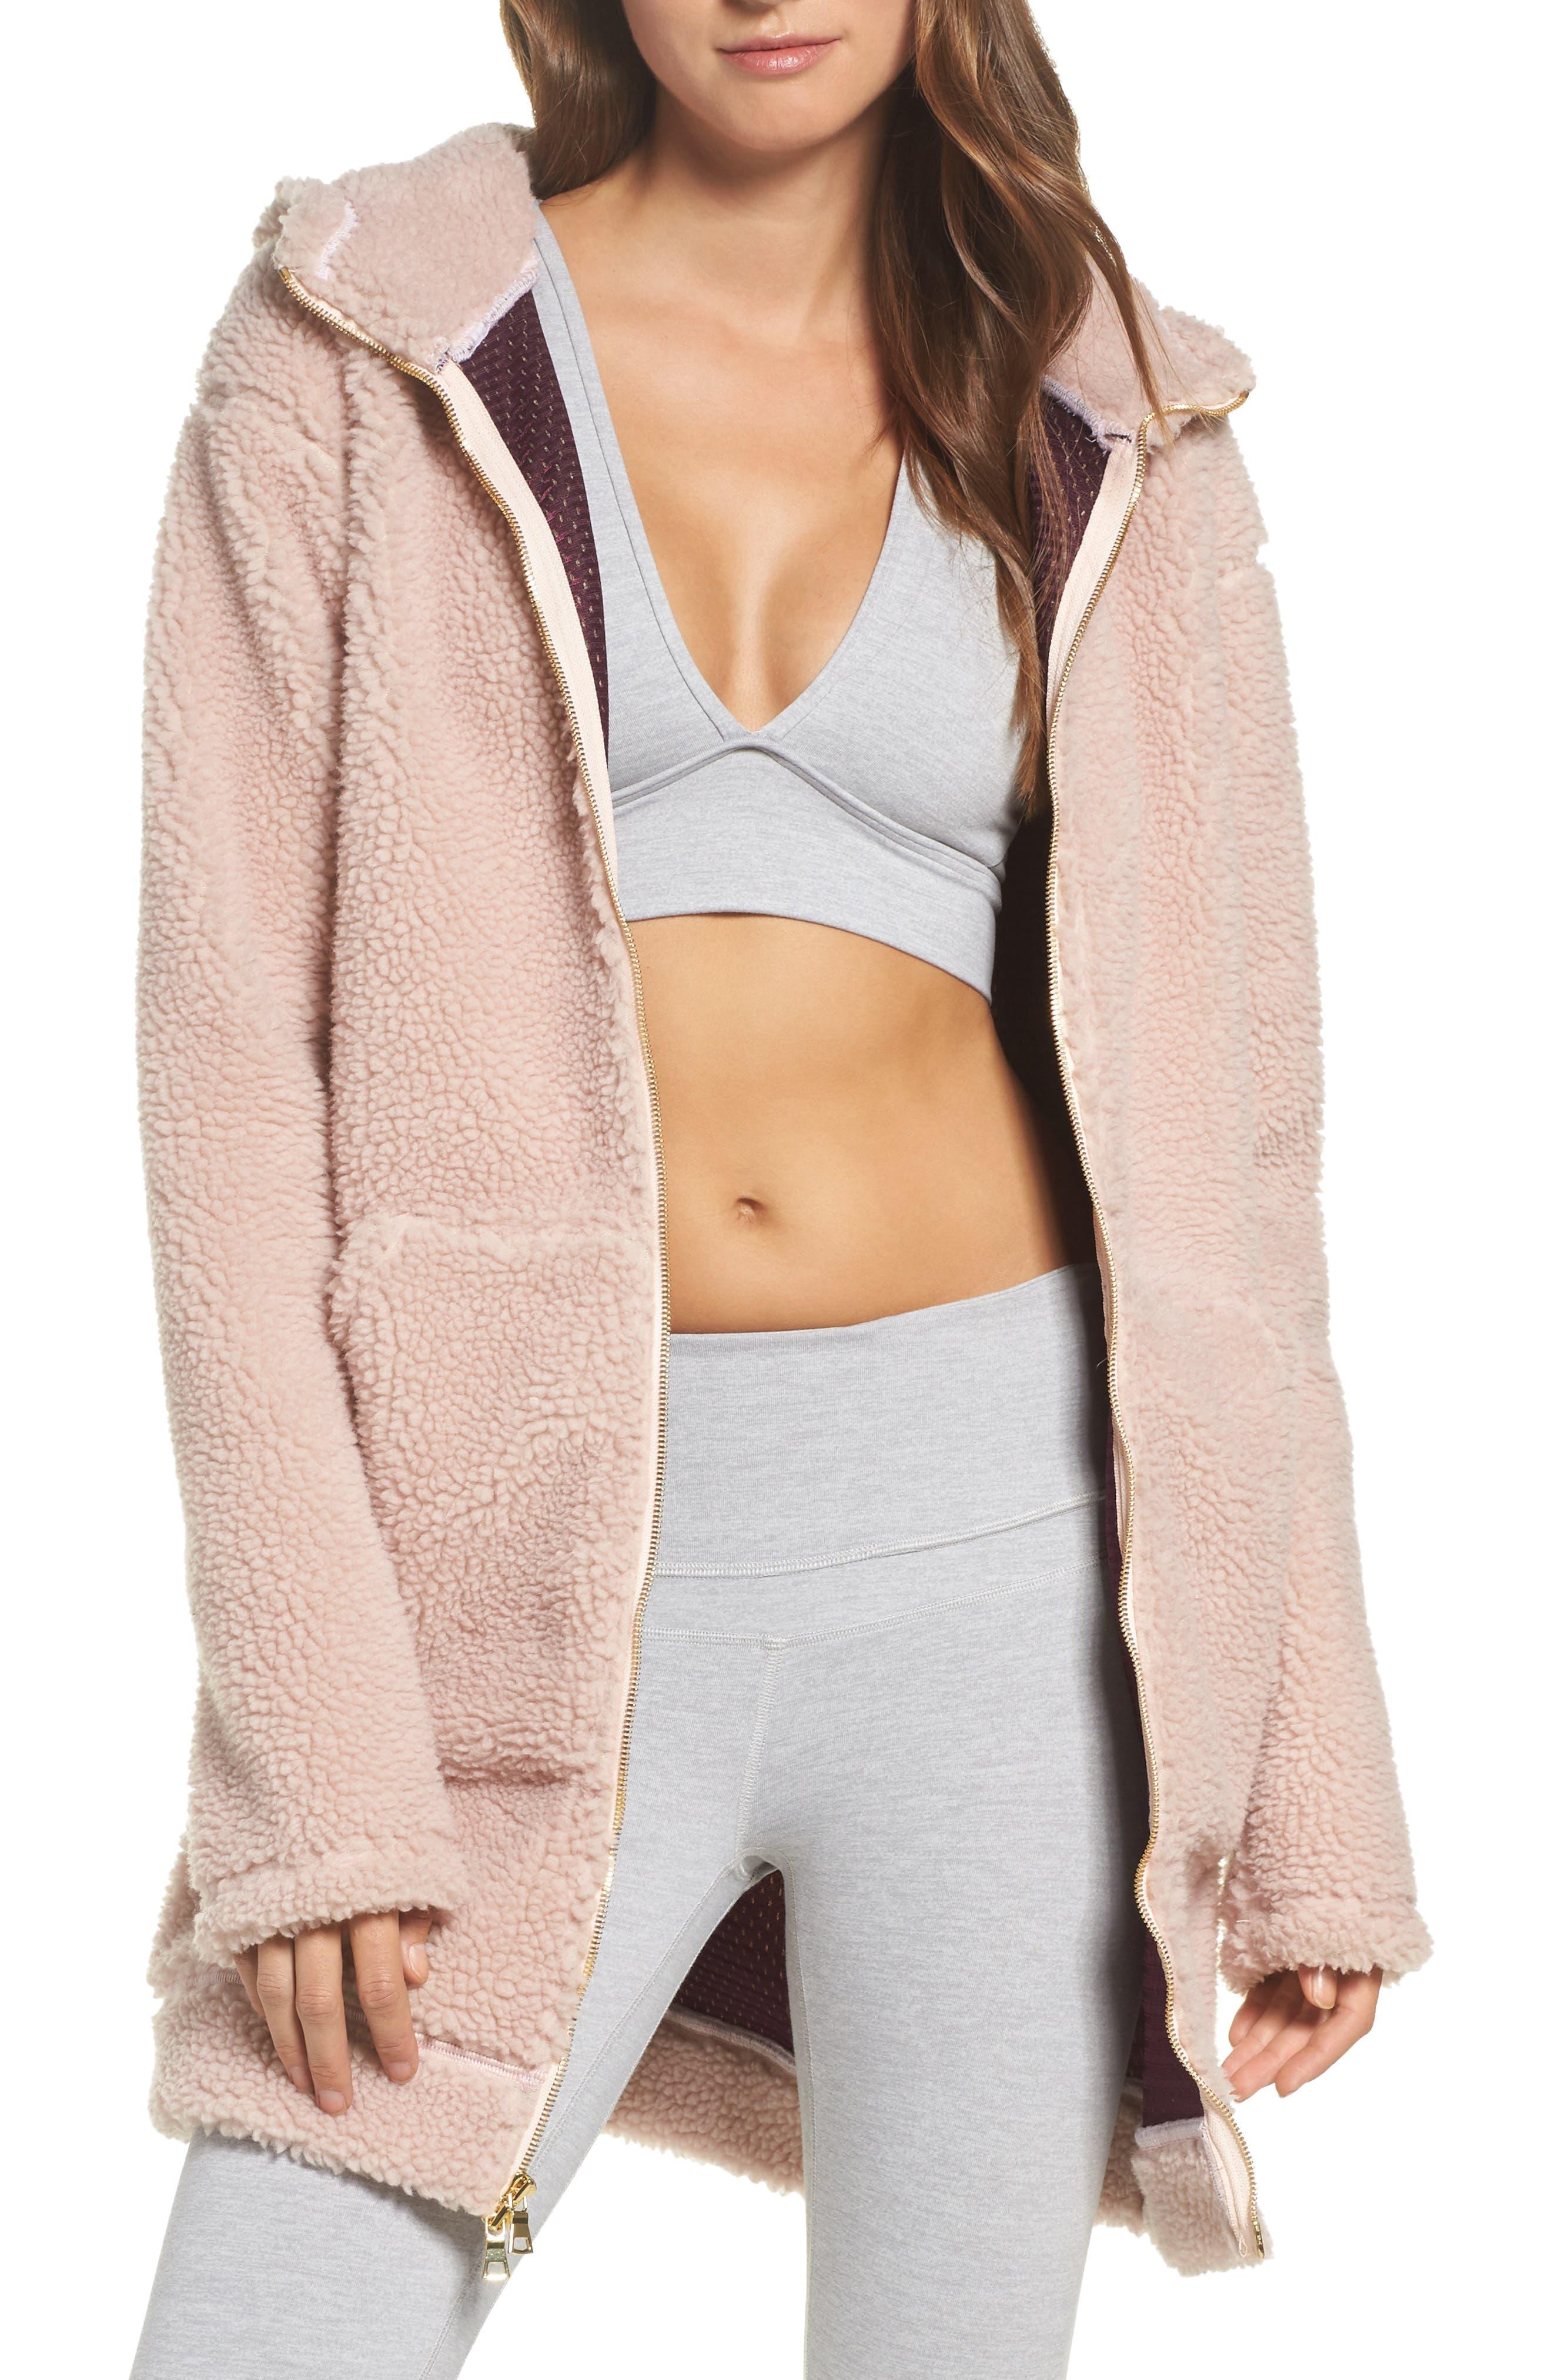 Brea Fleece Jacket,                             Main thumbnail 1, color,                             680